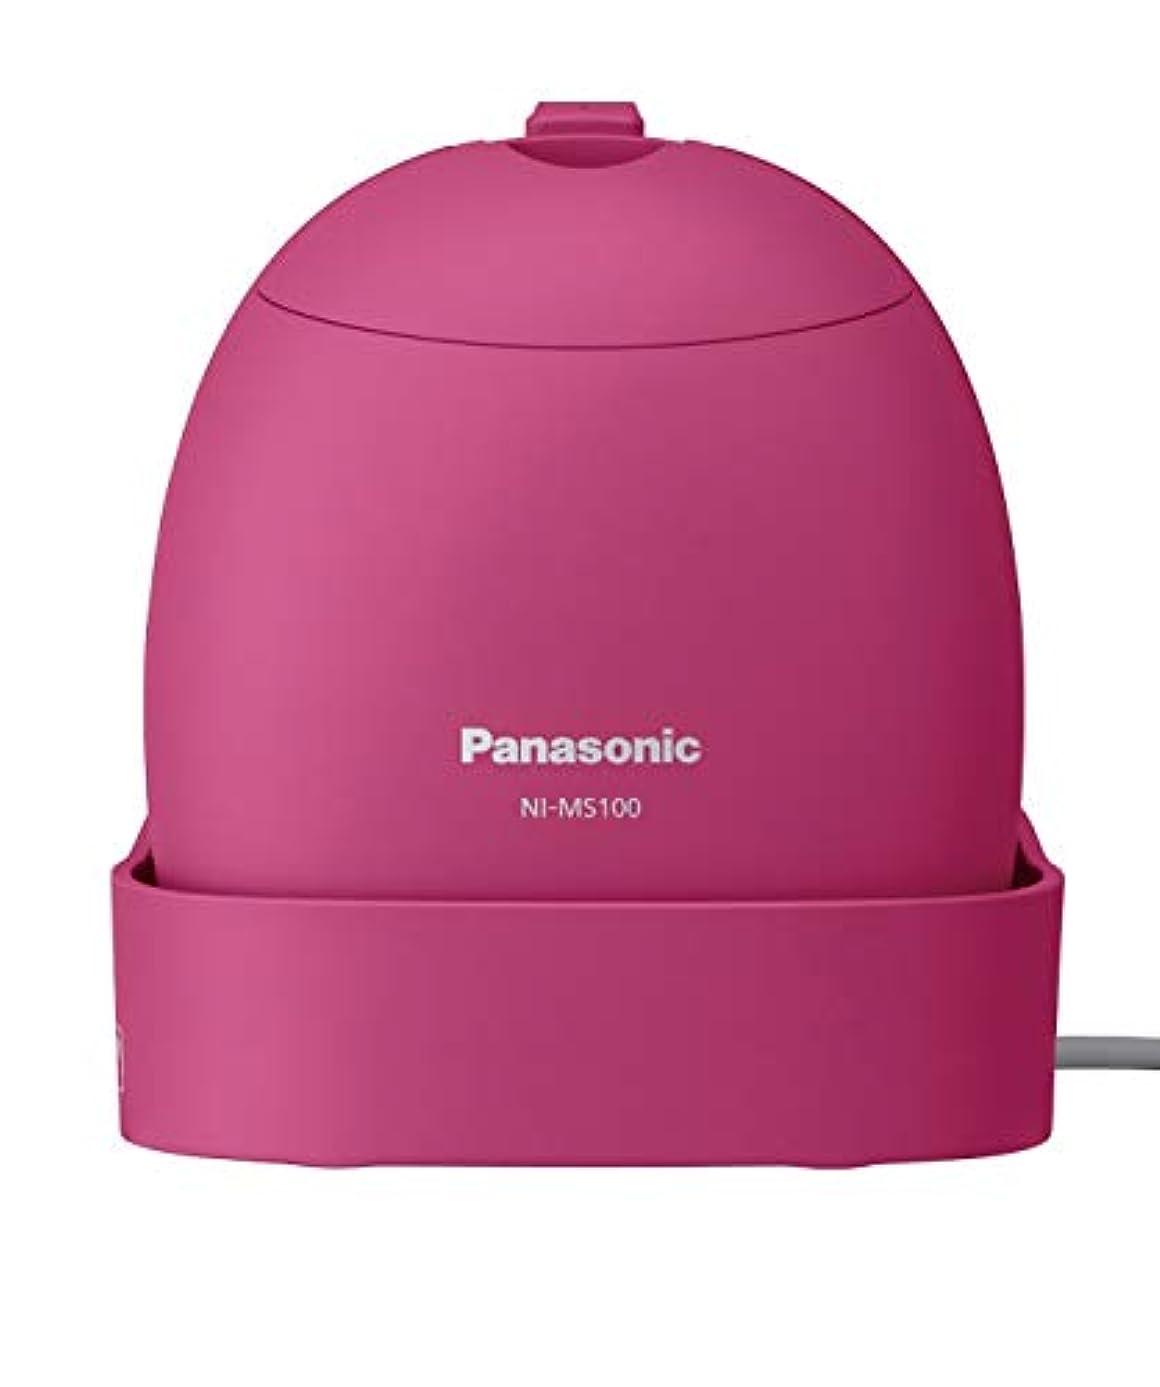 稼ぐにじみ出るにじみ出るパナソニック 衣類スチーマー モバイル 軽量コンパクトモデル ビビッドピンク NI-MS100-VP